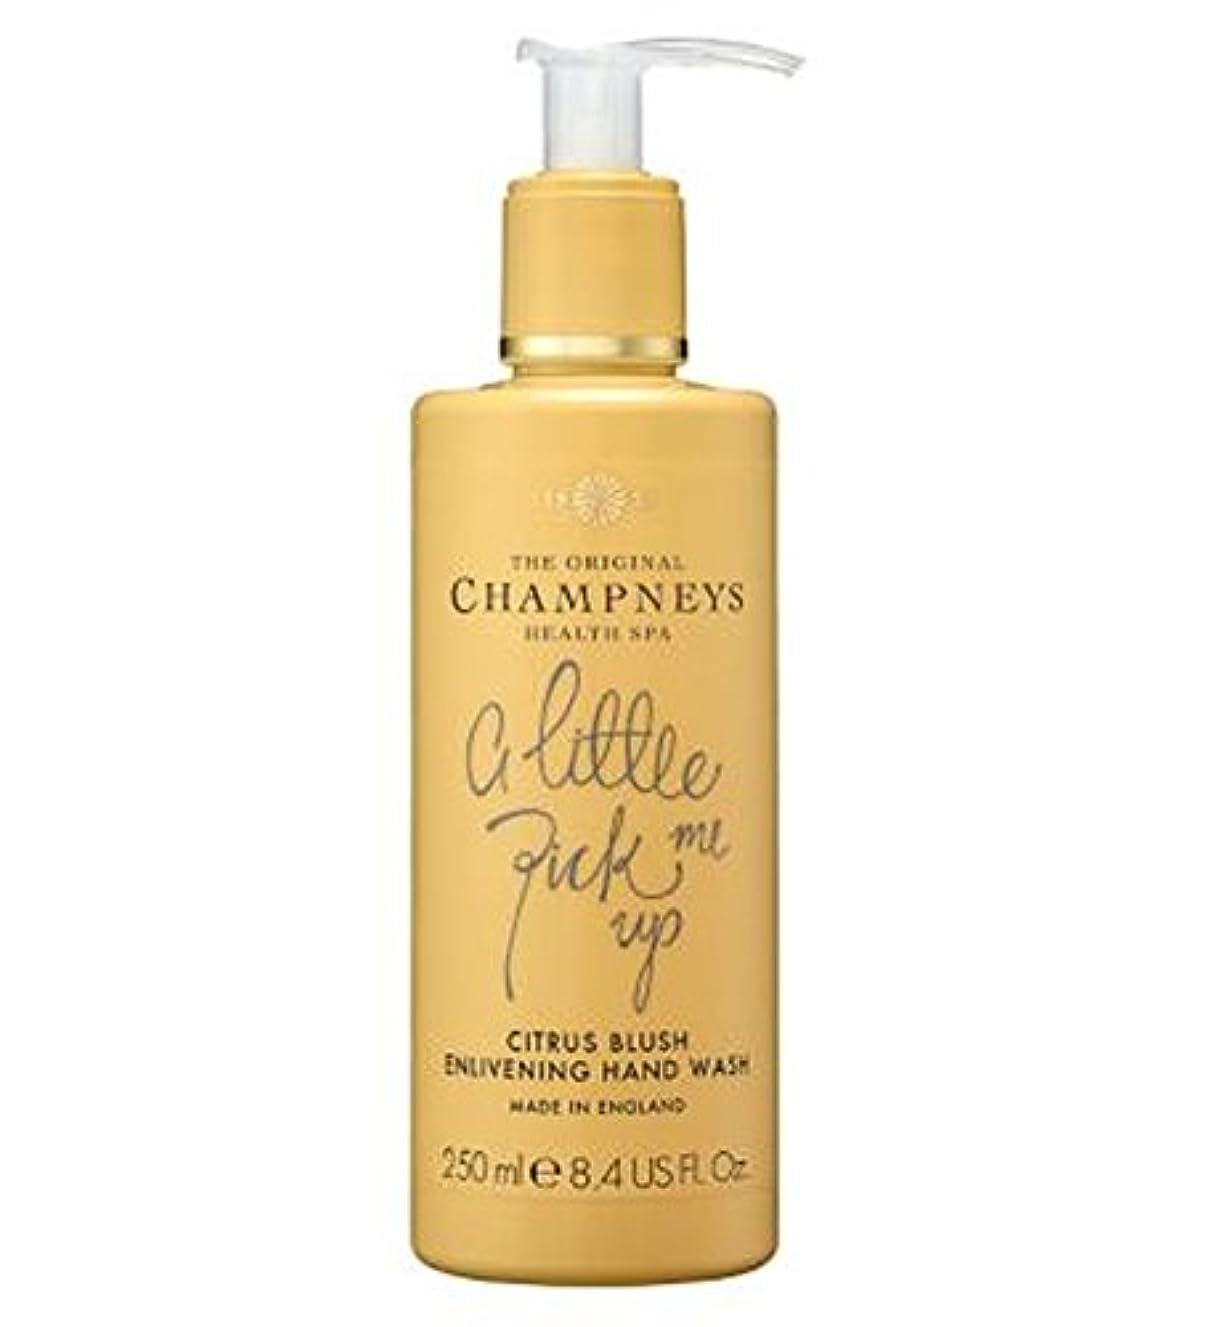 チャンプニーズシトラス赤面盛り上げハンドウォッシュ250ミリリットル (Champneys) (x2) - Champneys Citrus Blush Enlivening Hand Wash 250ml (Pack...